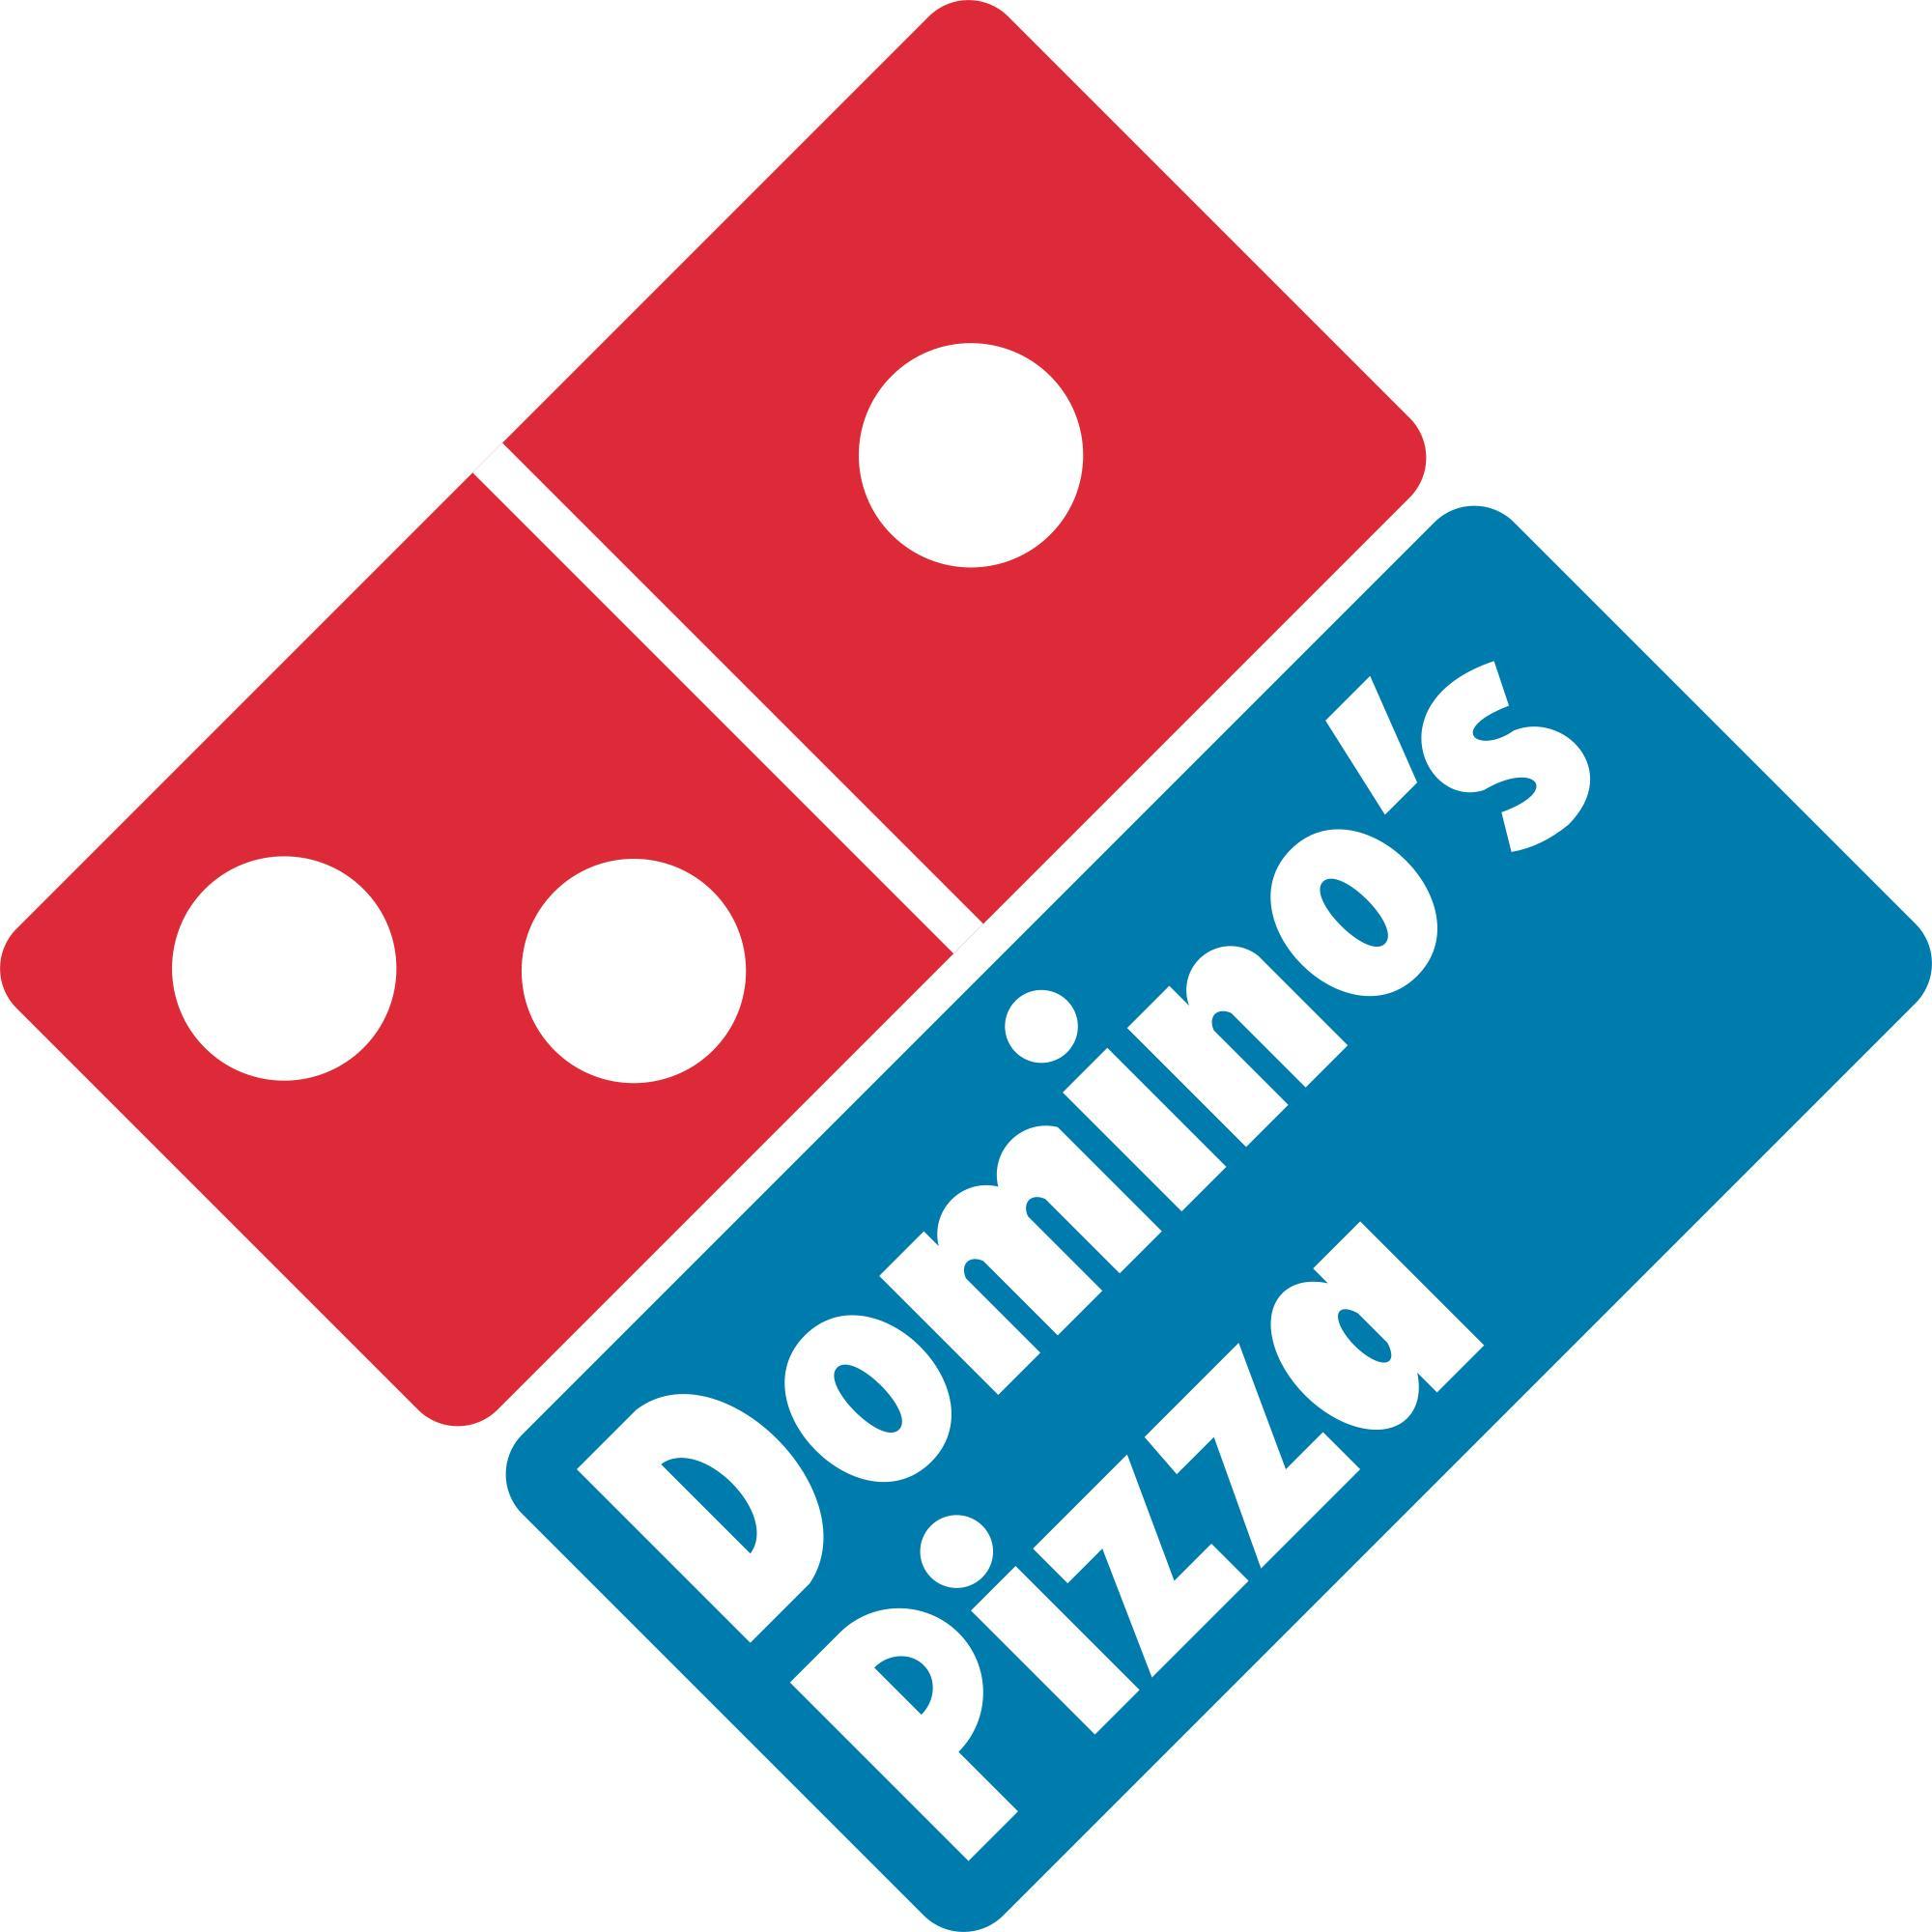 [De 18 à 20 h] 2 pizzas offertes pour l'achat d'une